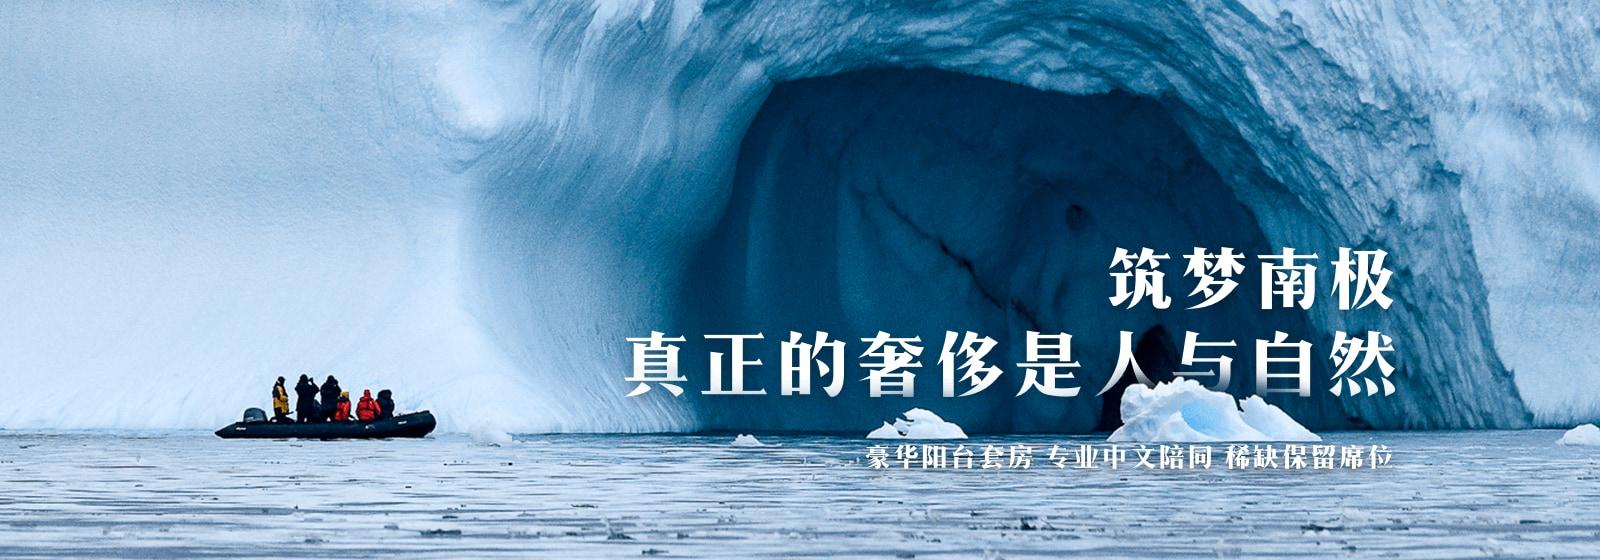 筑梦南极 真正的奢侈是人与自然